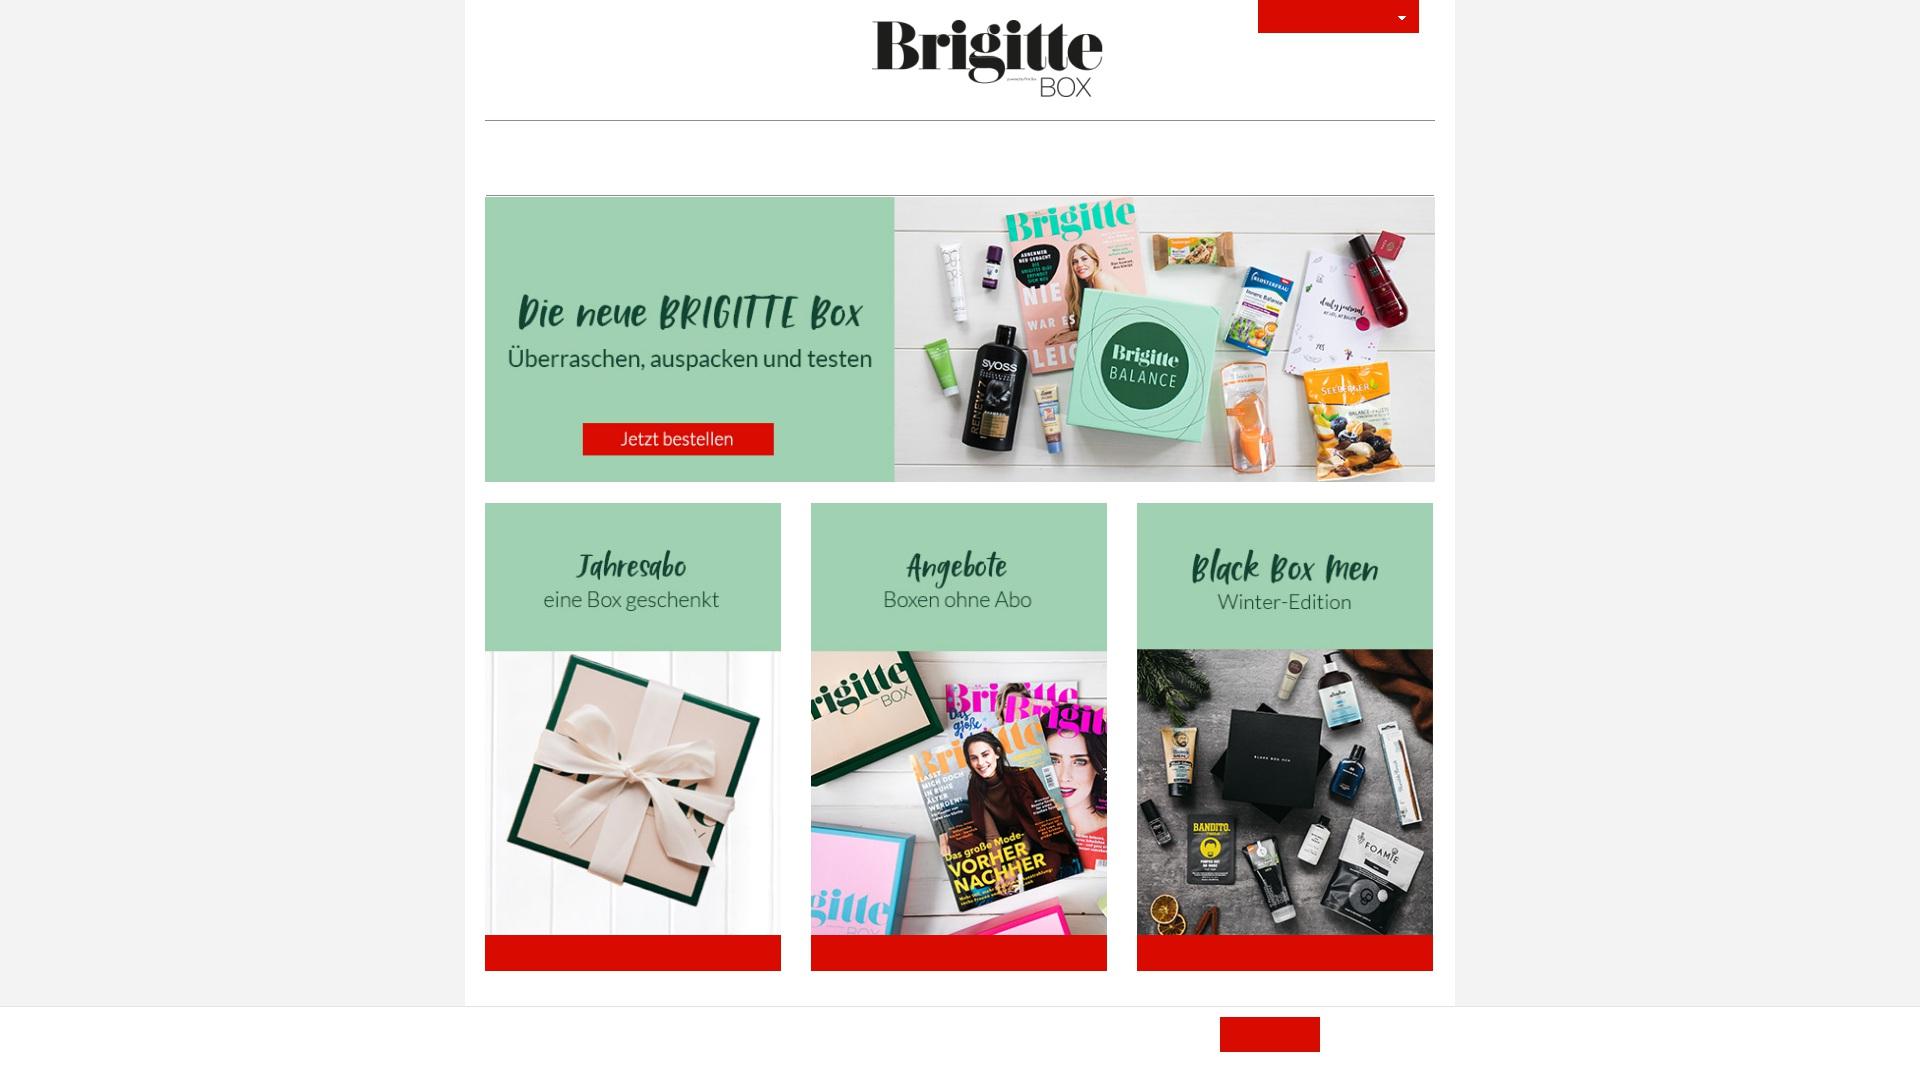 Gutschein für Brigittebox: Rabatte für  Brigittebox sichern